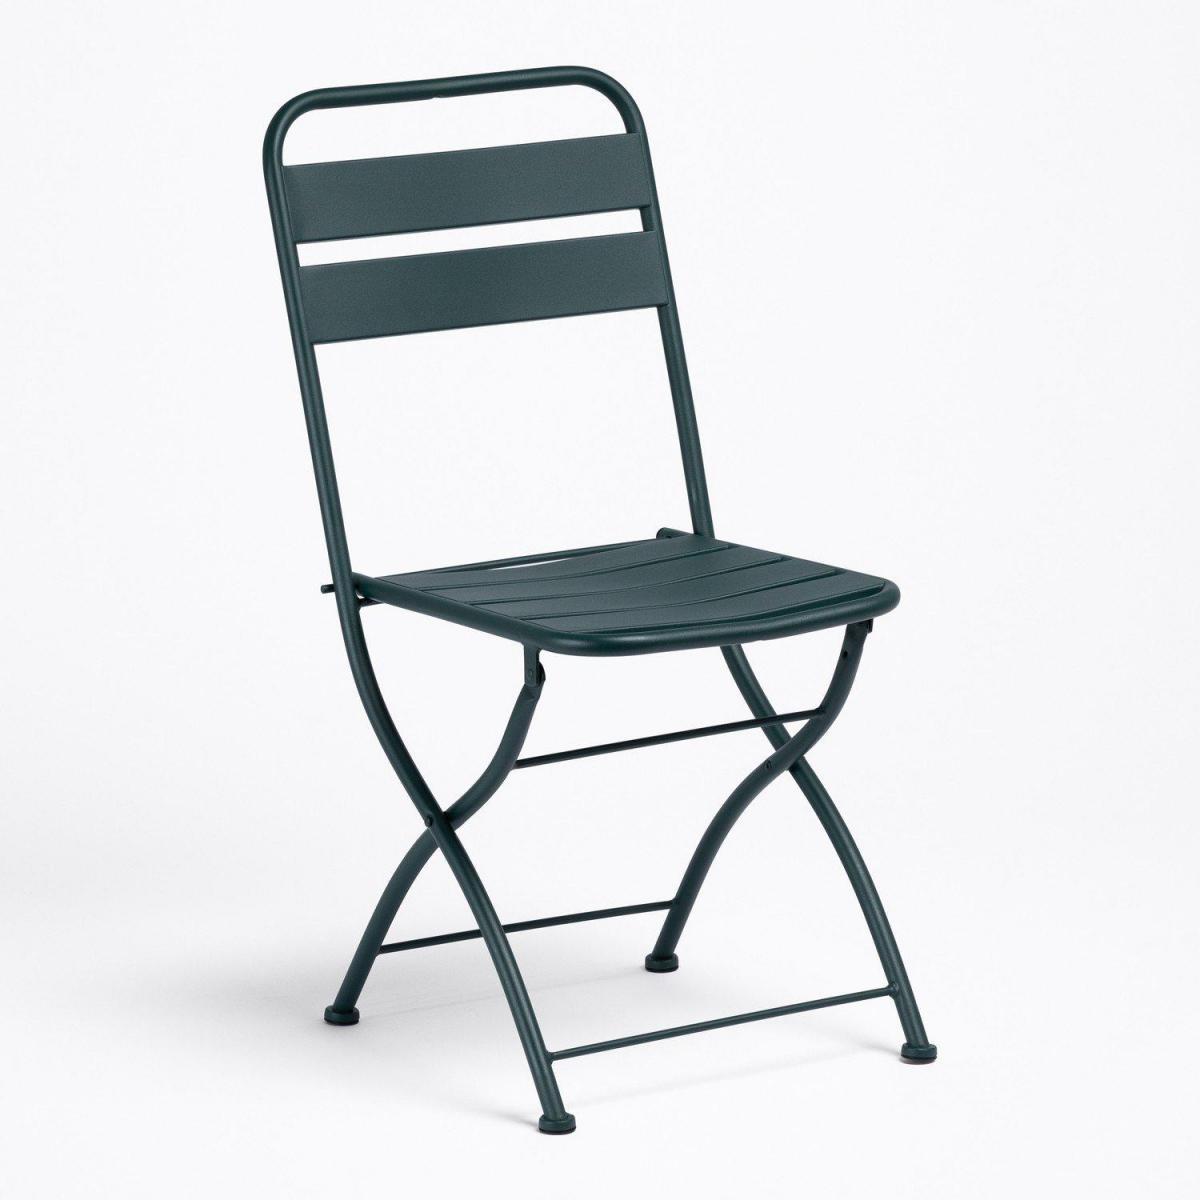 Stylez Chaise pliante strong ext verte